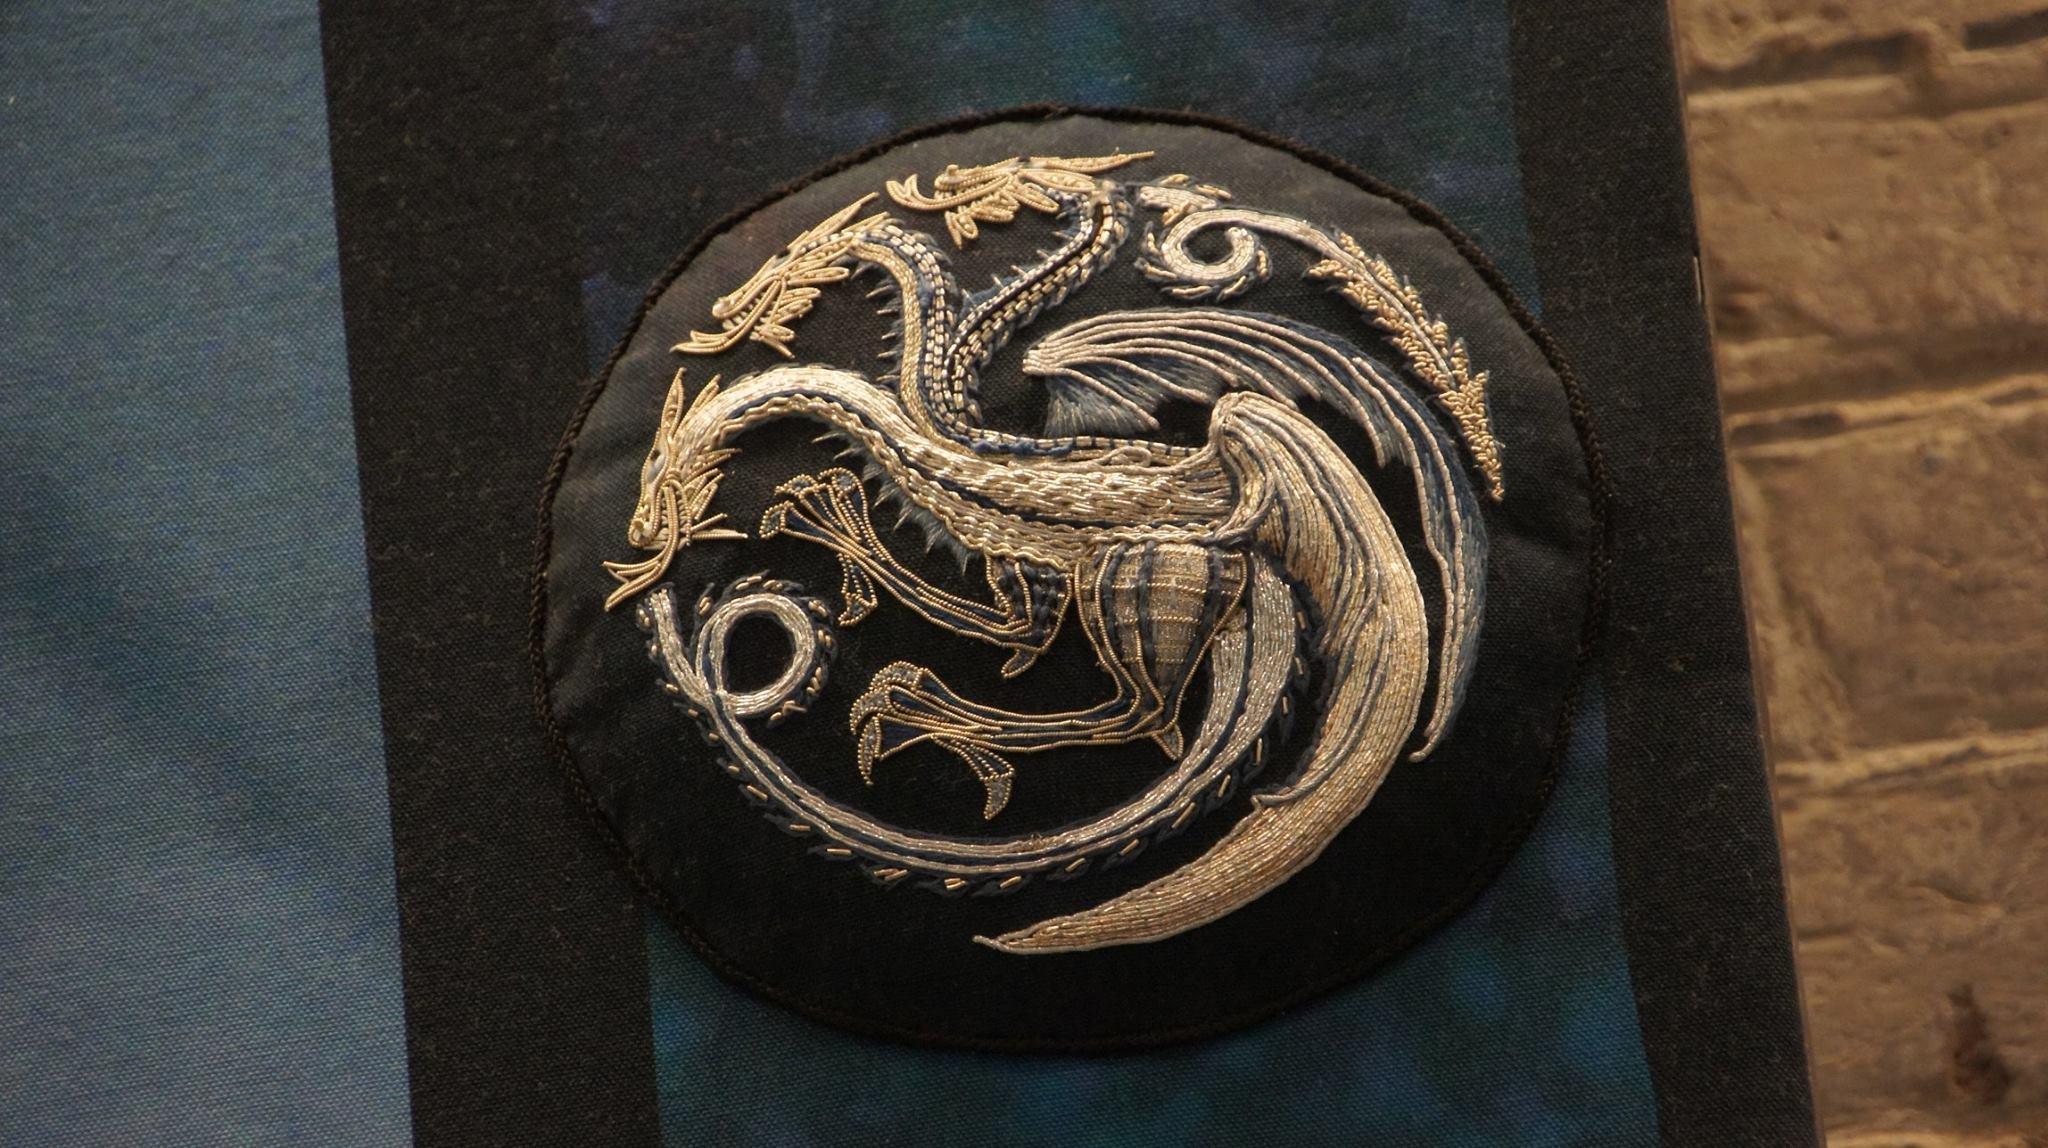 Огнедишащият дракон е символът на дома Таргариен – златосърмена бродерия